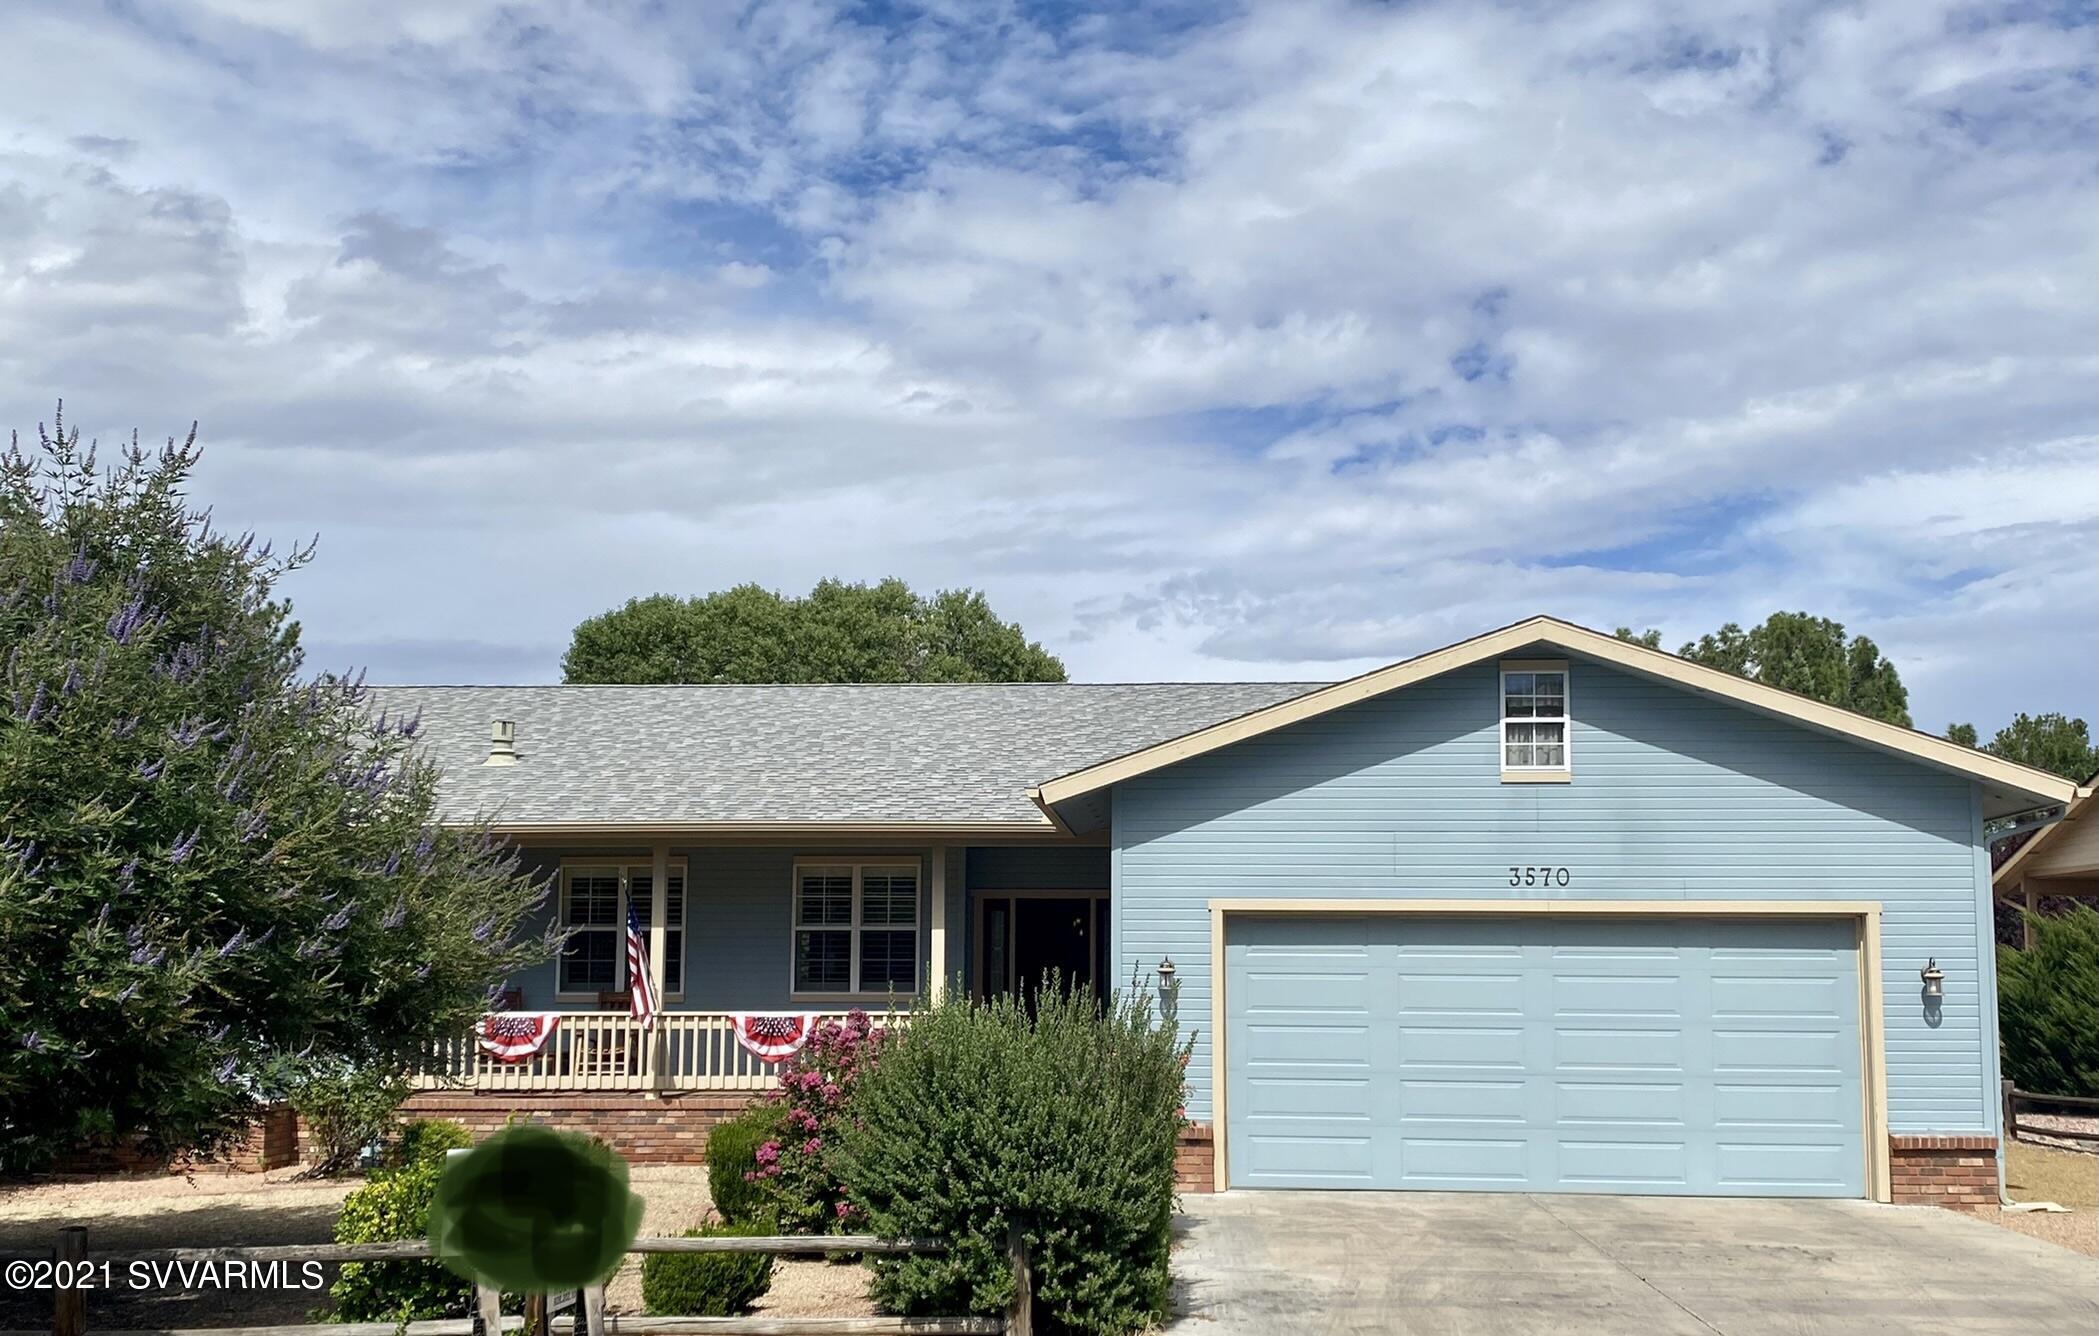 3570 E Montezuma Ave Rimrock, AZ 86335